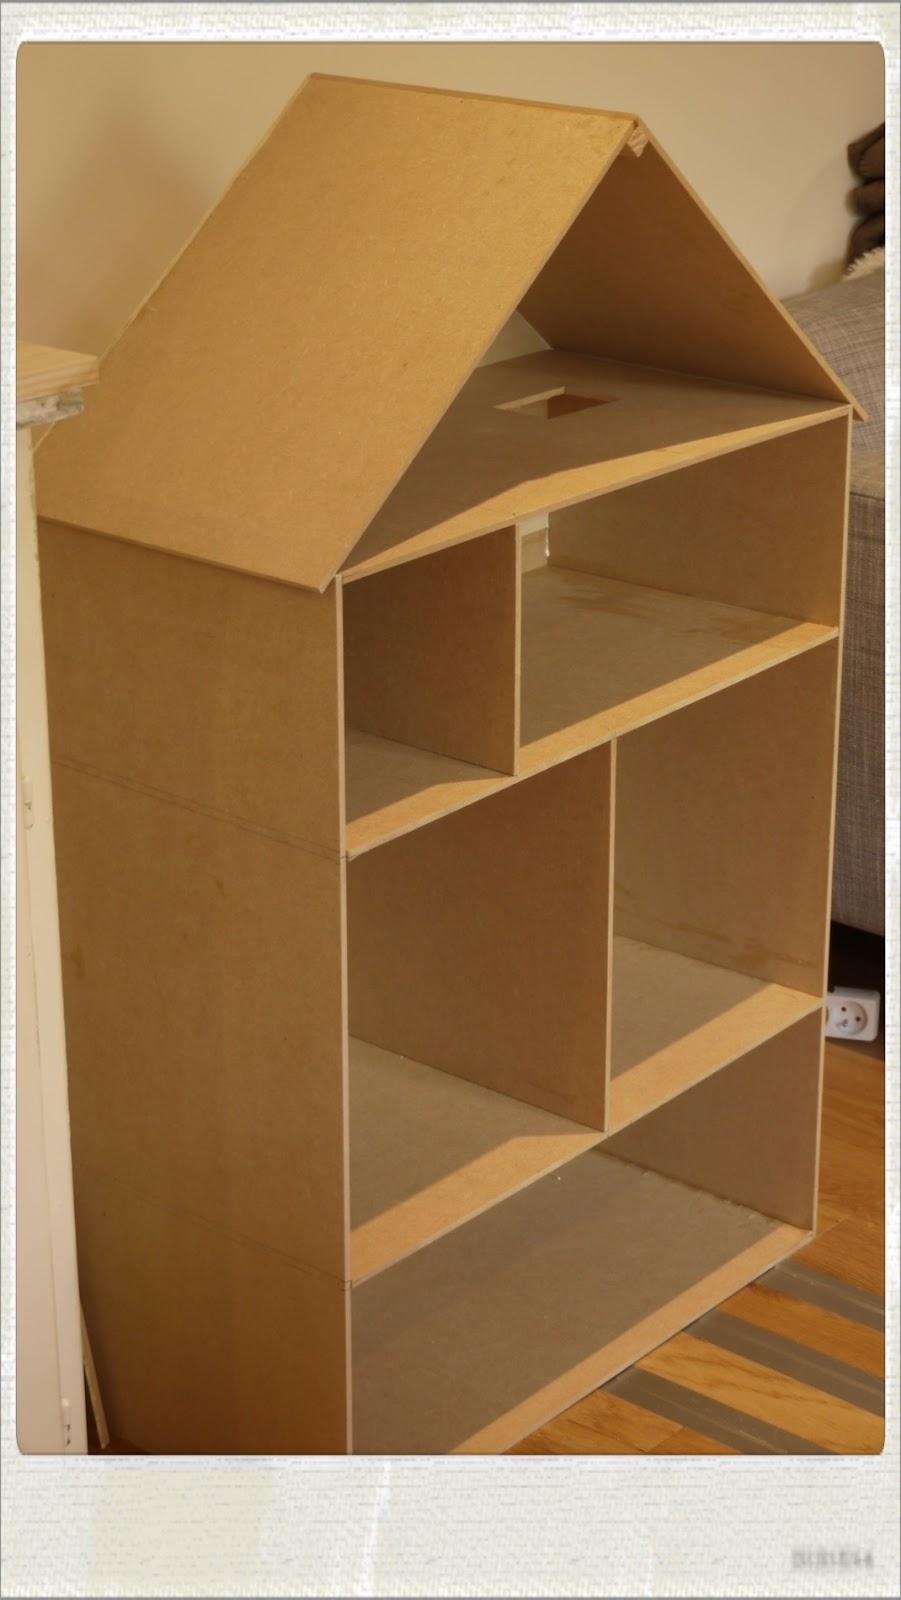 Maison de poup e diy tape 2 - Comment construire maison en bois ...